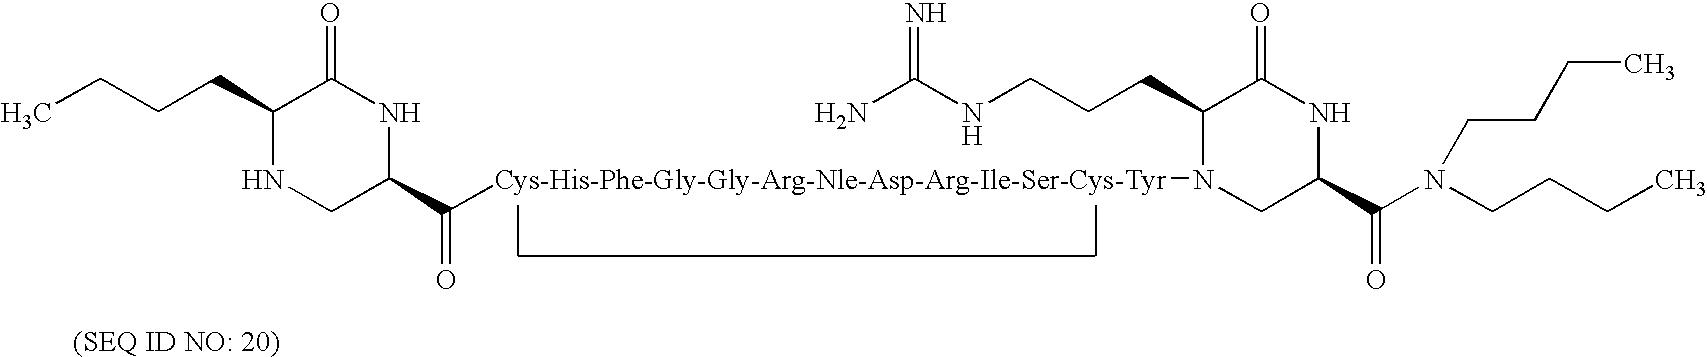 Figure US07622440-20091124-C00353